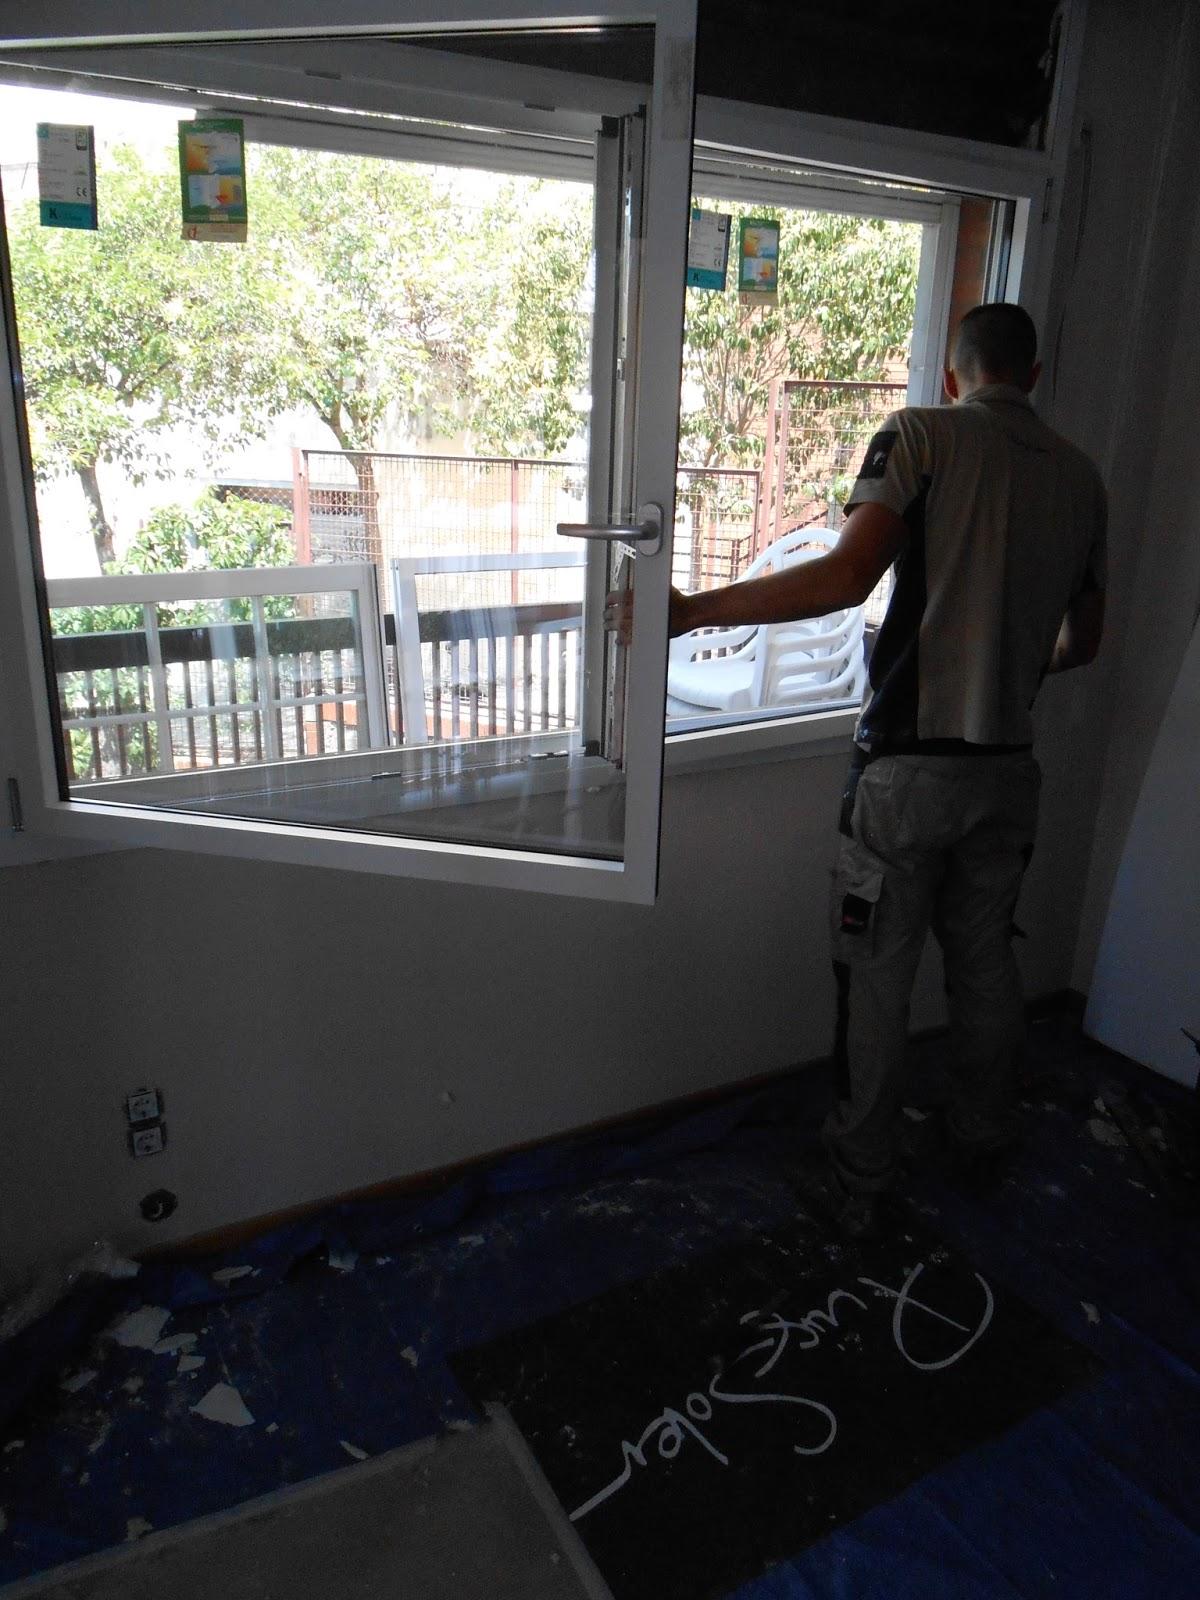 Ventanas con aislamiento ac stico puigsoler ventanas y - Ventanas aislamiento acustico ...